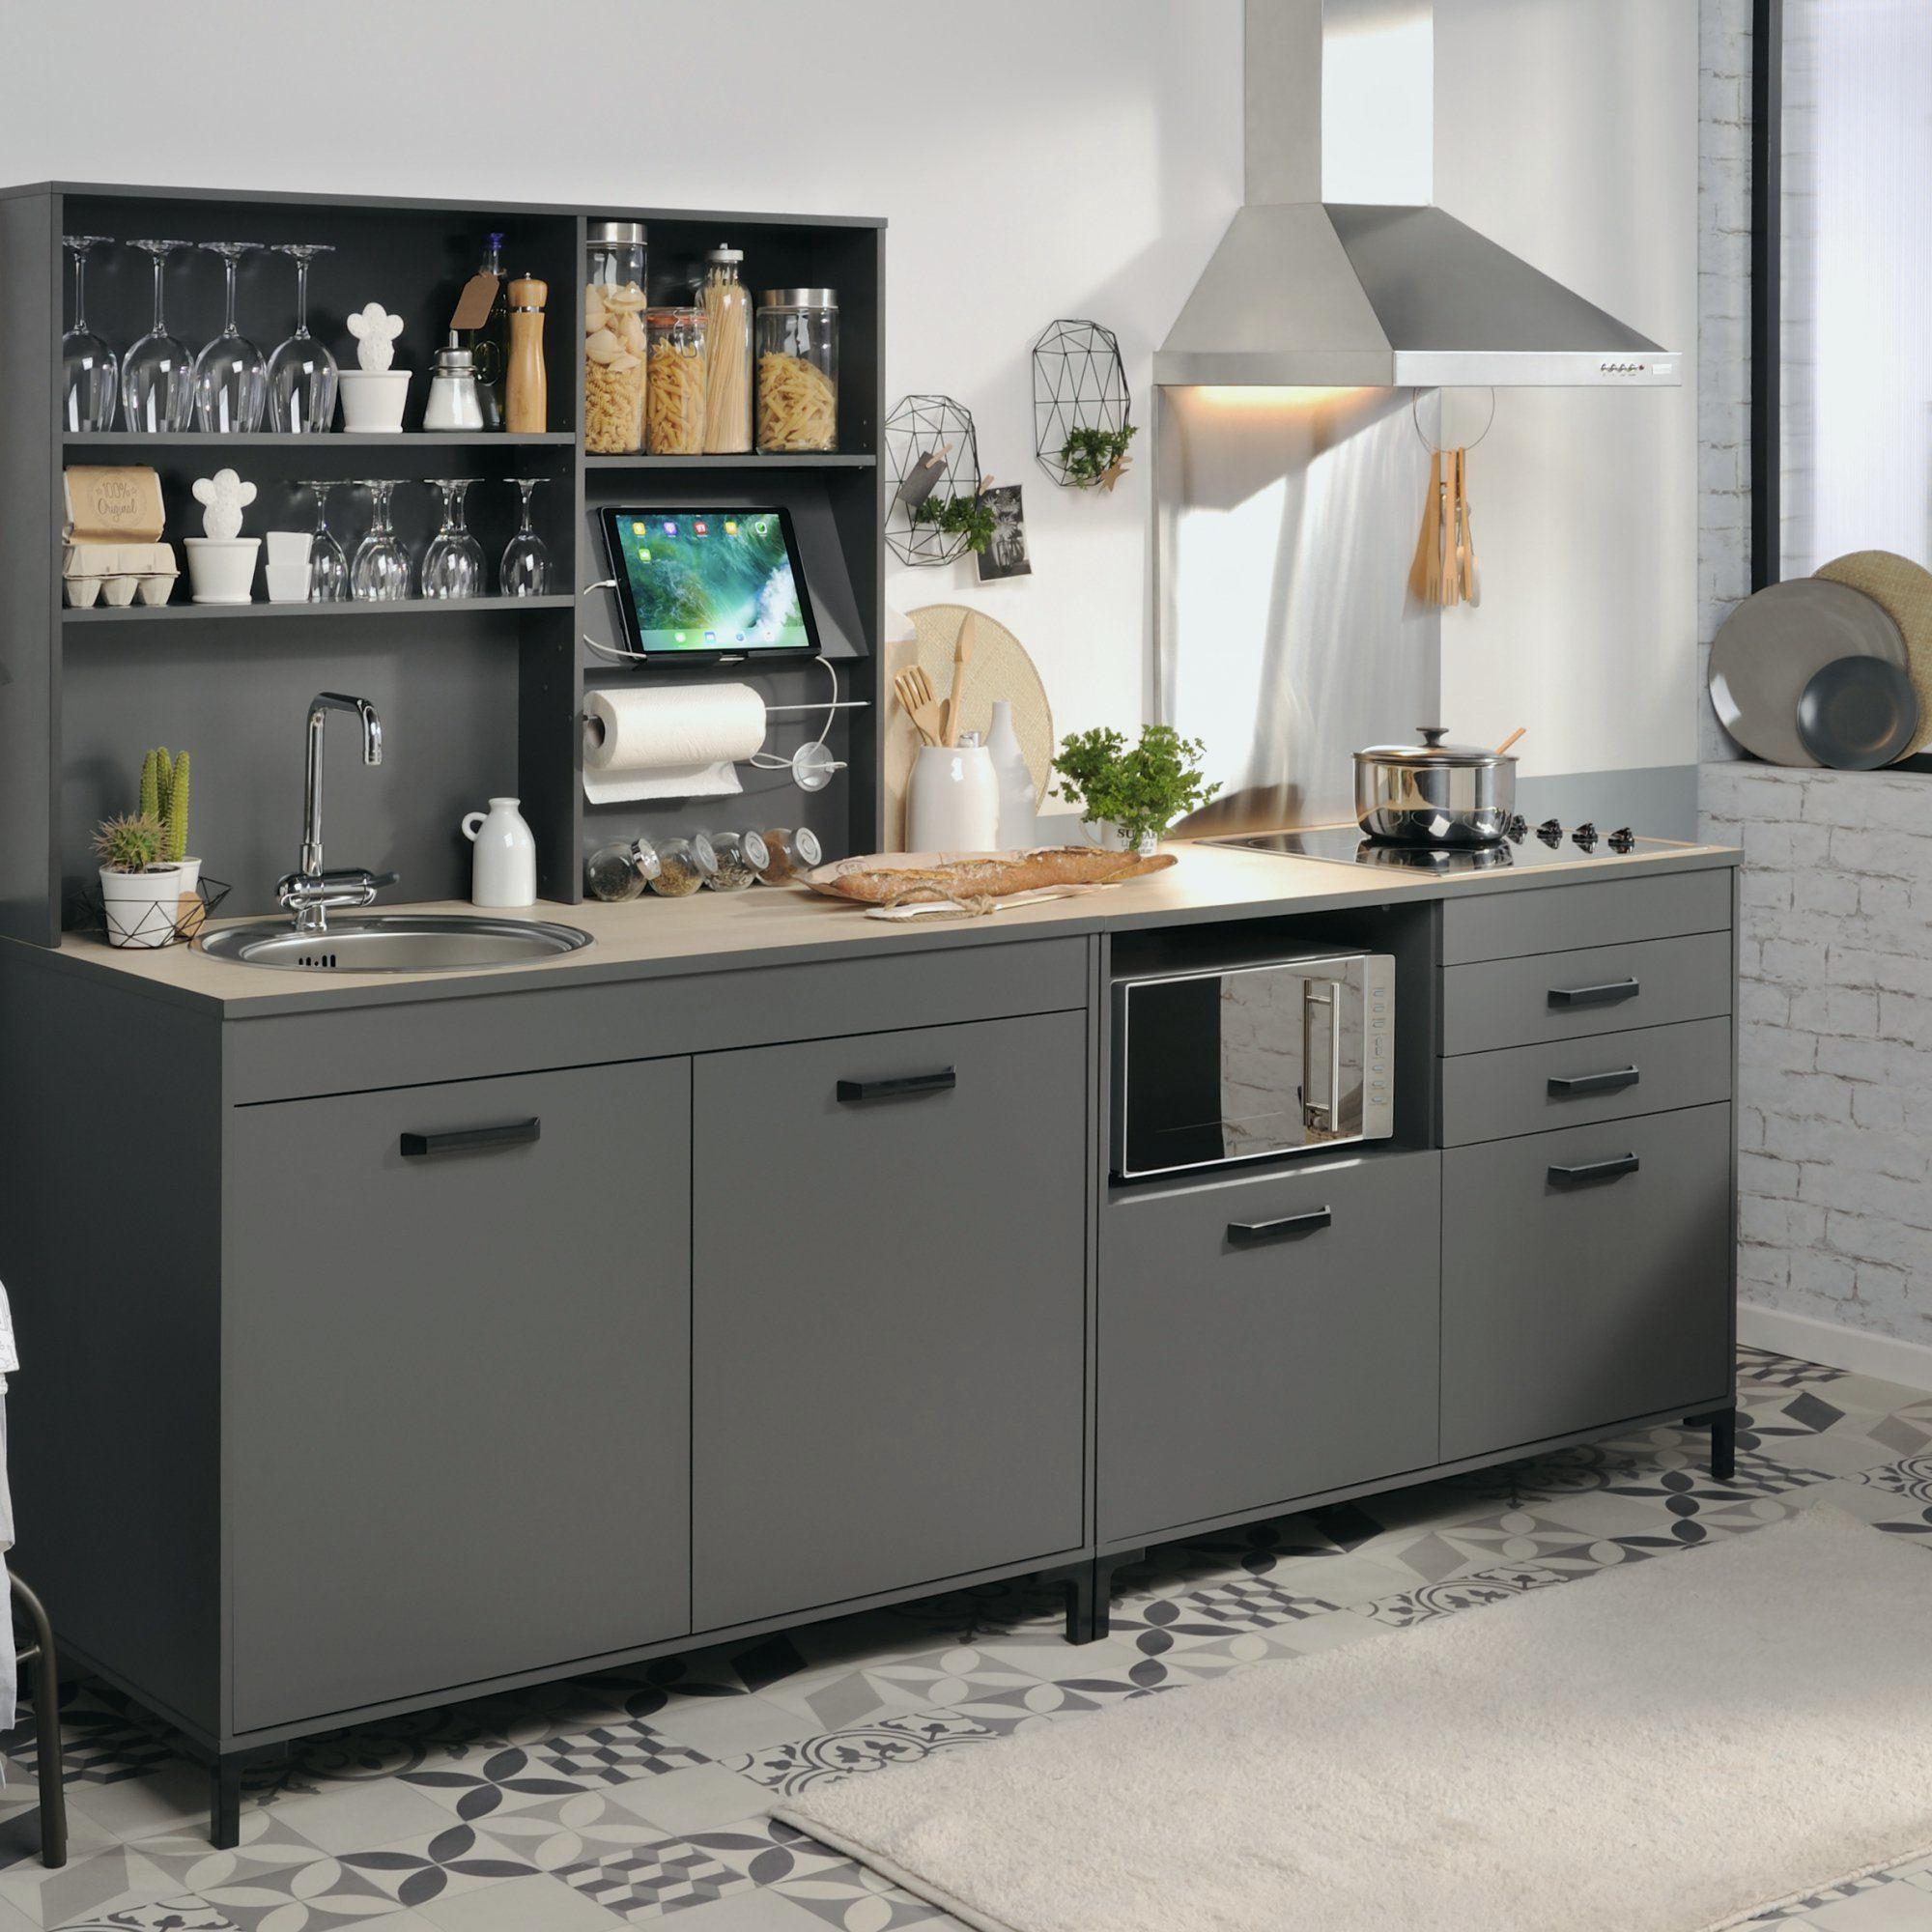 Poignée Meuble Cuisine Brico Depot Nouveau Galerie 100 Idees De Meuble Cuisine Gris